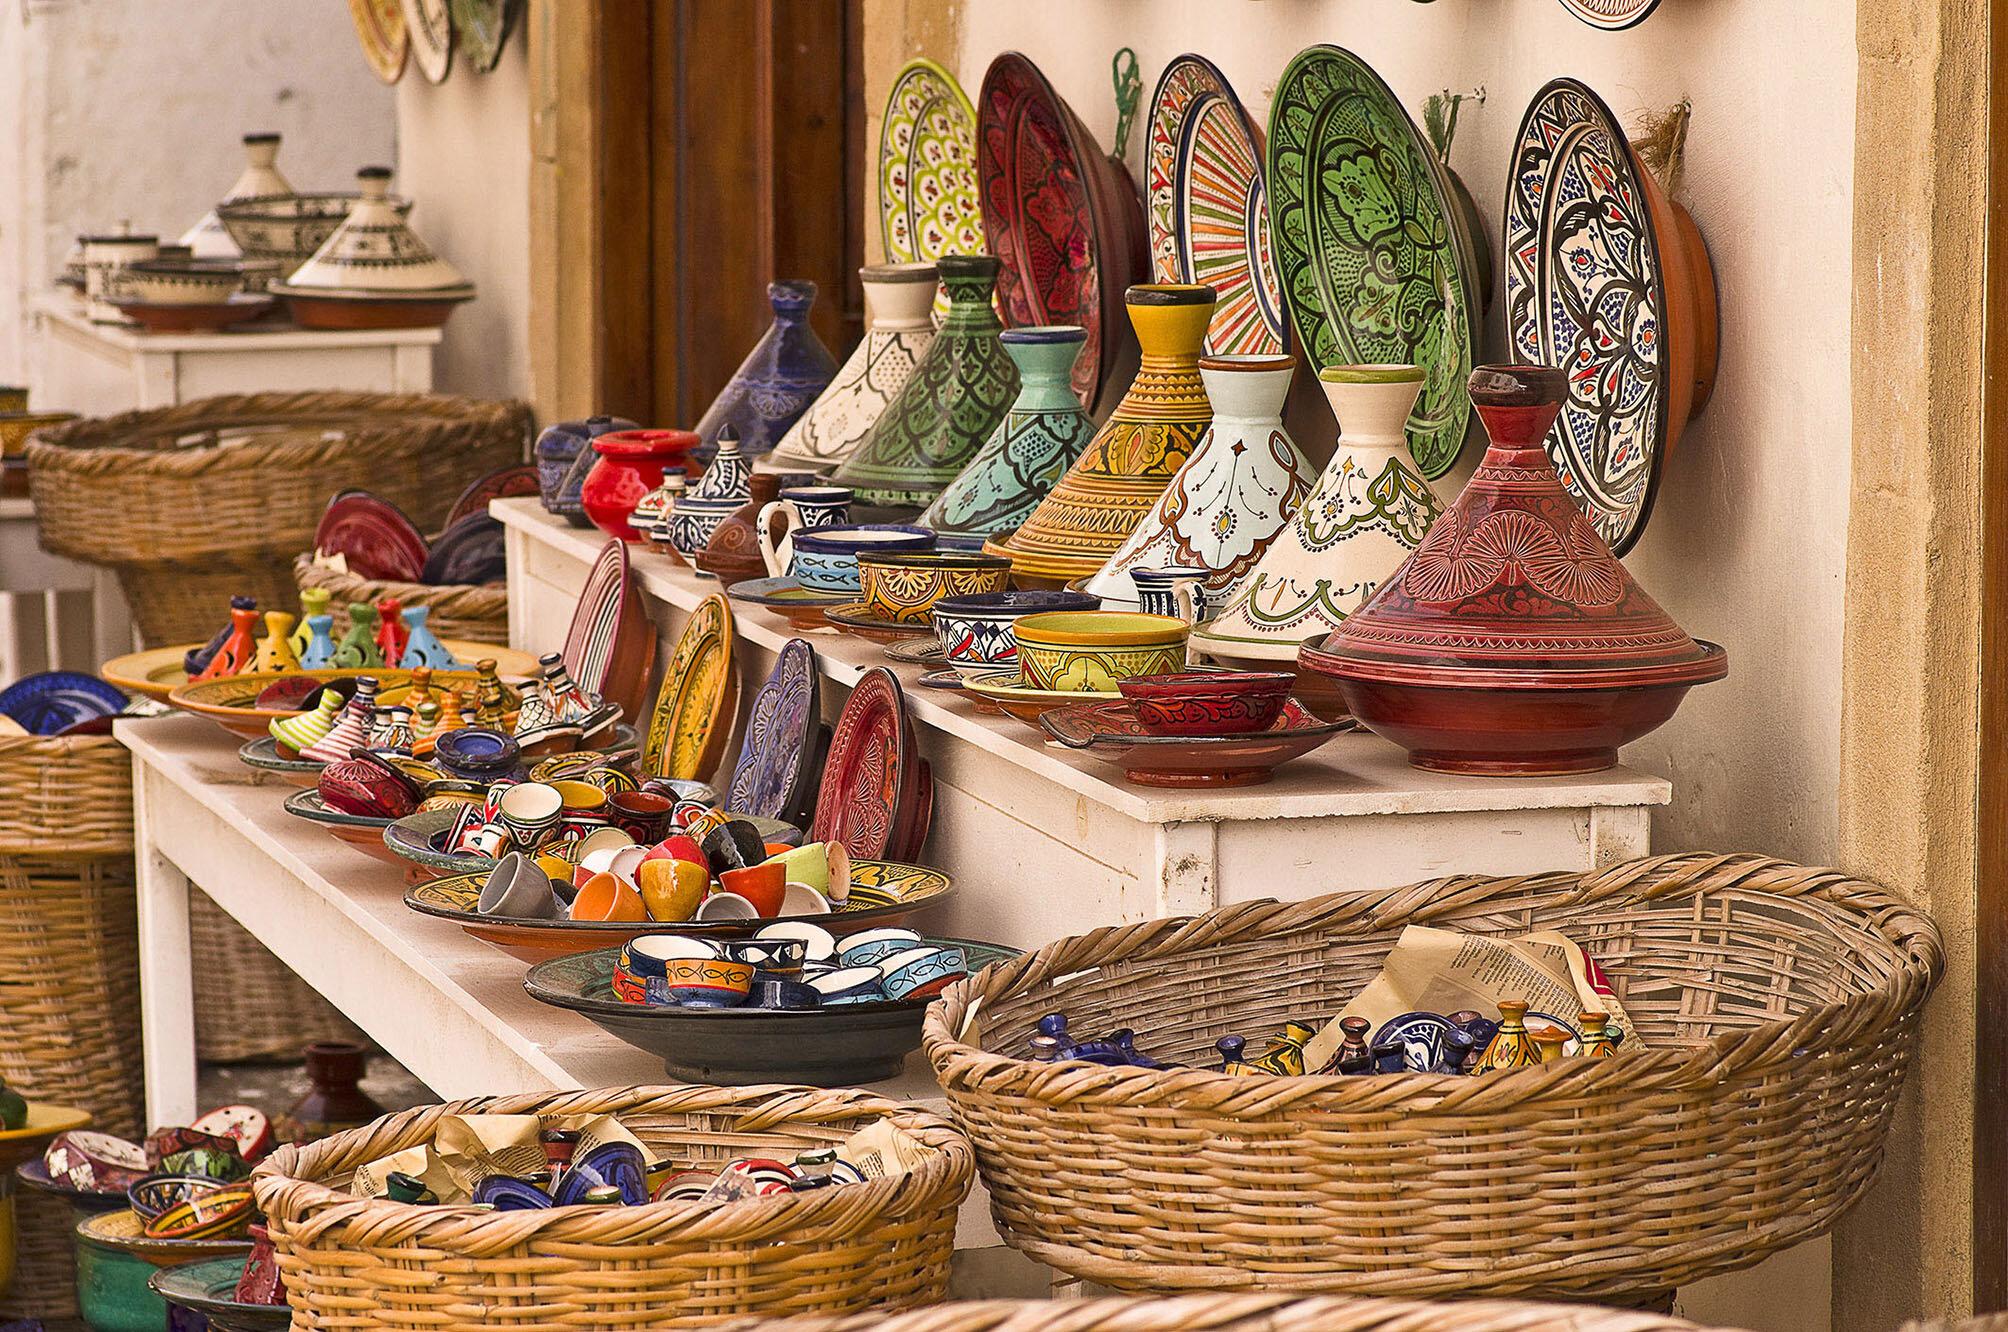 Marokko_tajine-1623127_pixaby.jpg